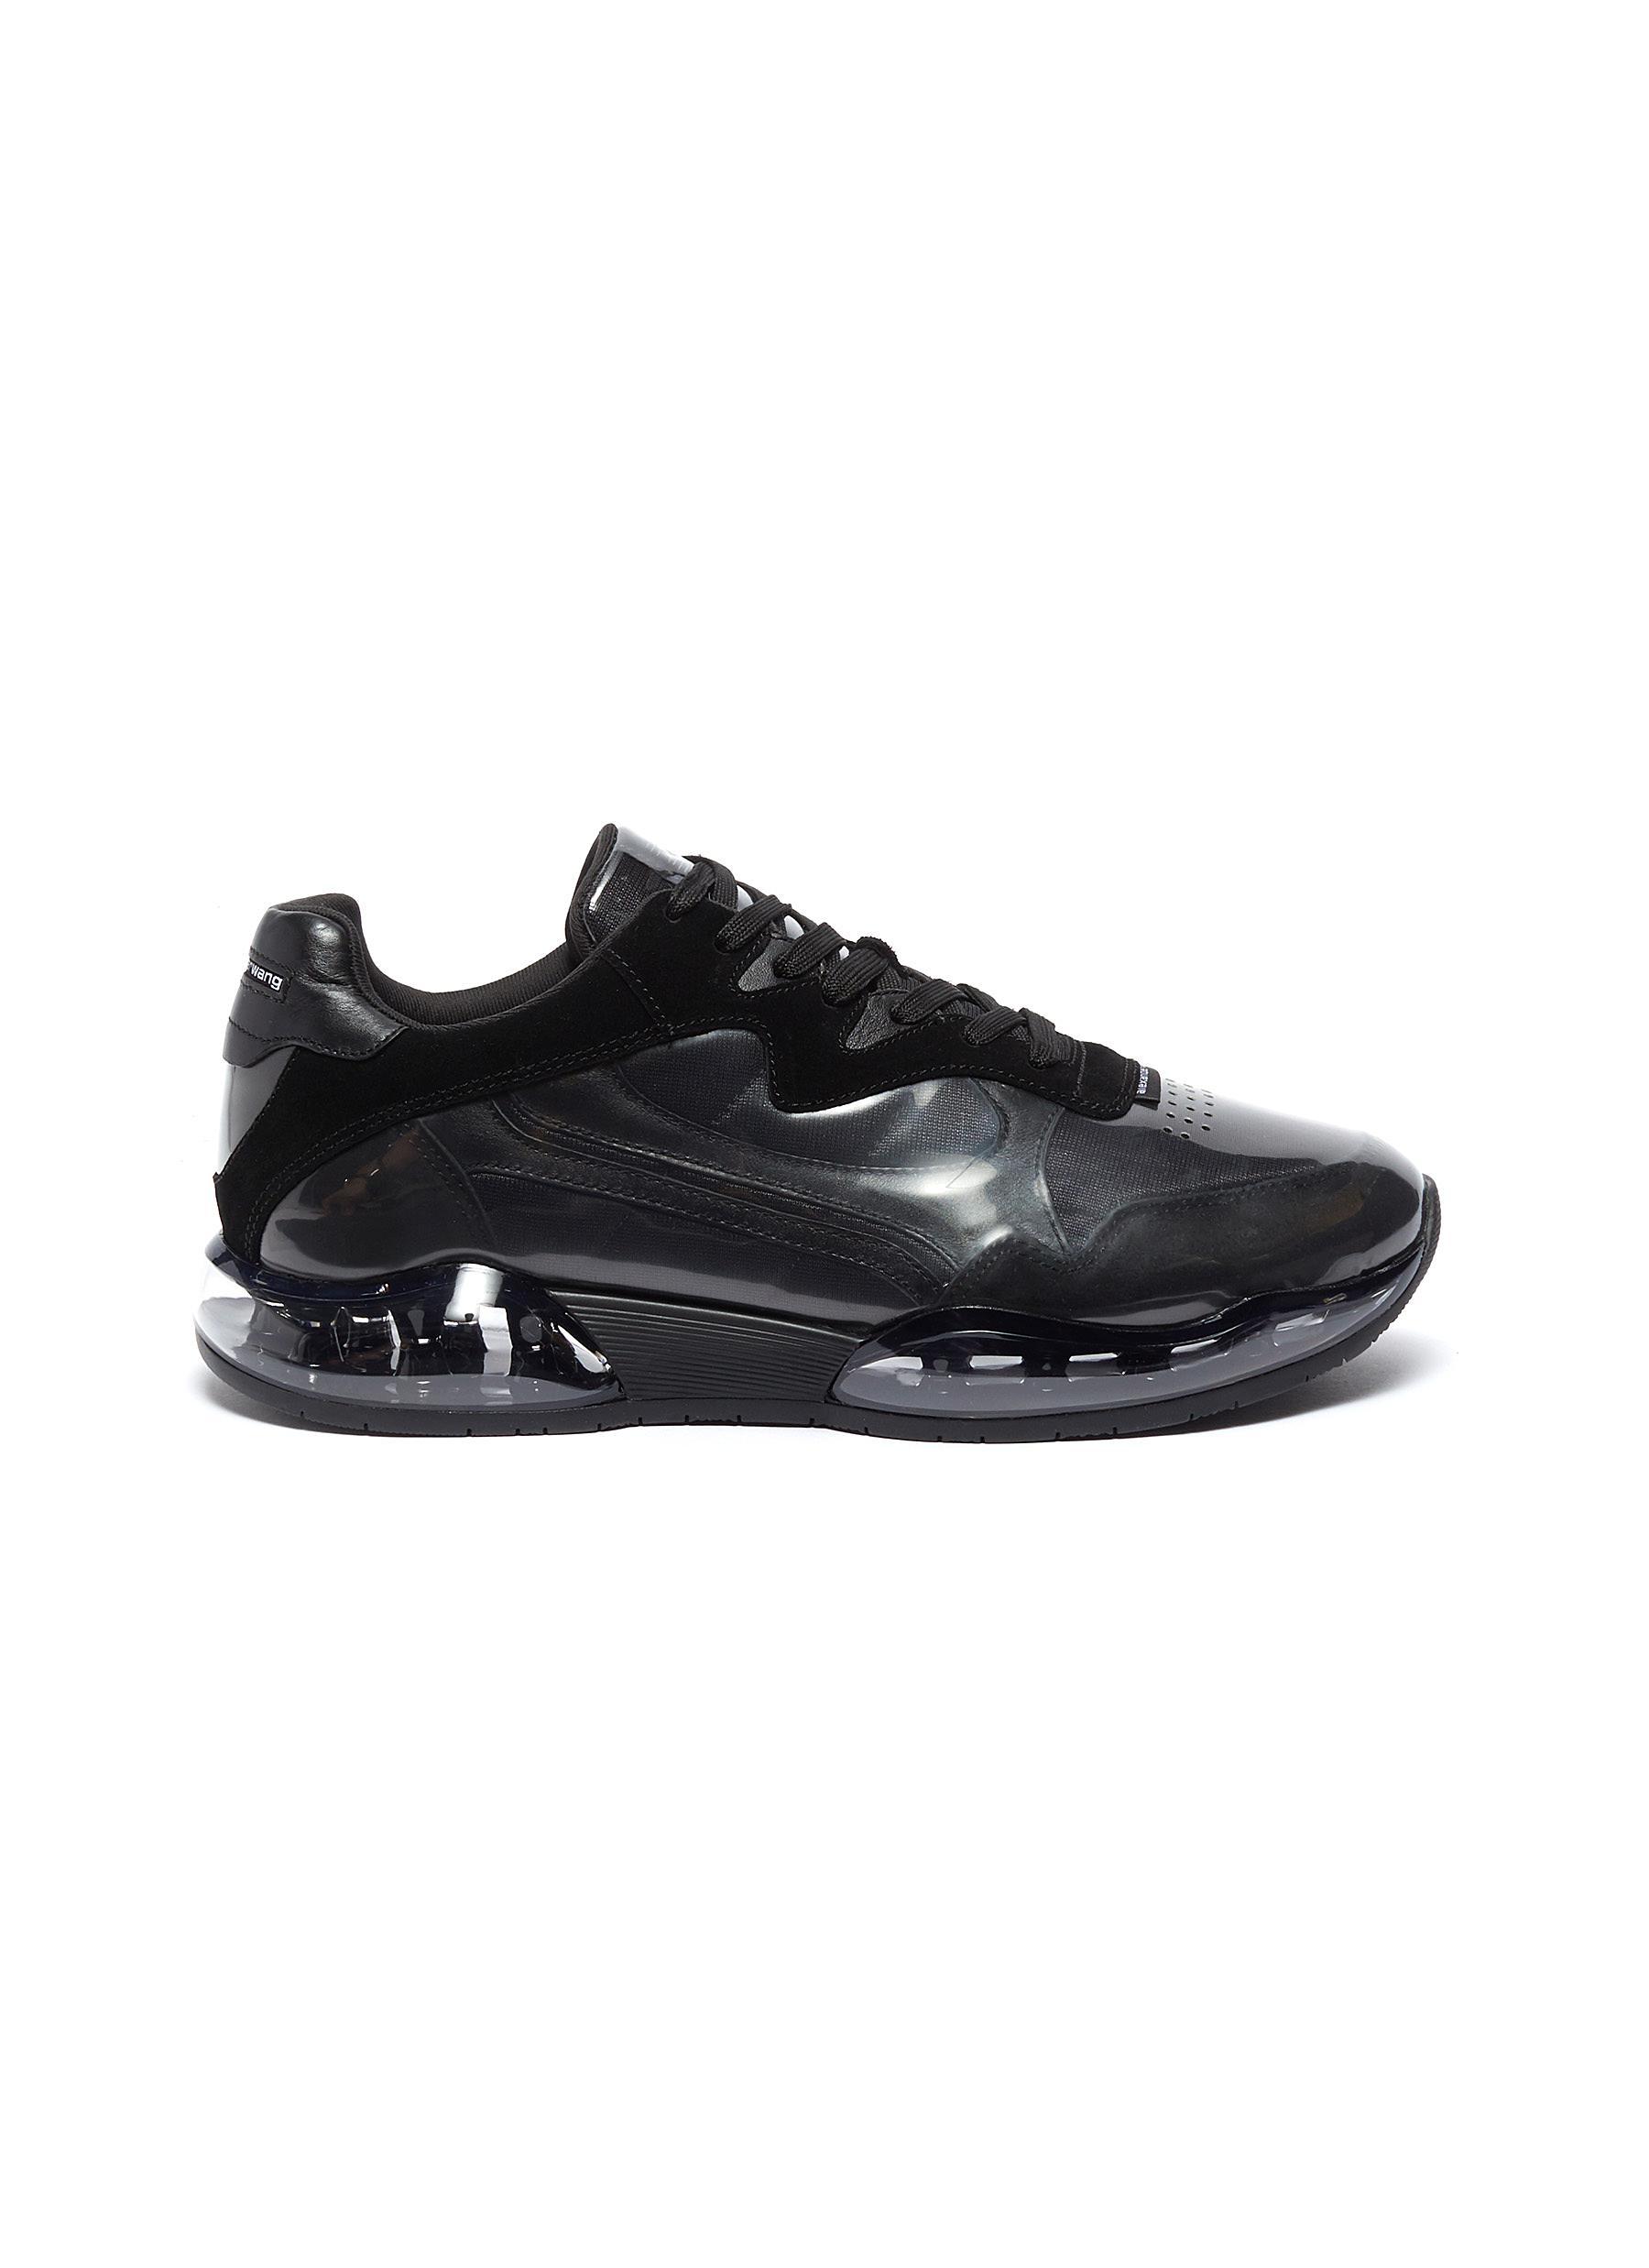 Photo of Alexanderwang Shoes Sneakers online sale